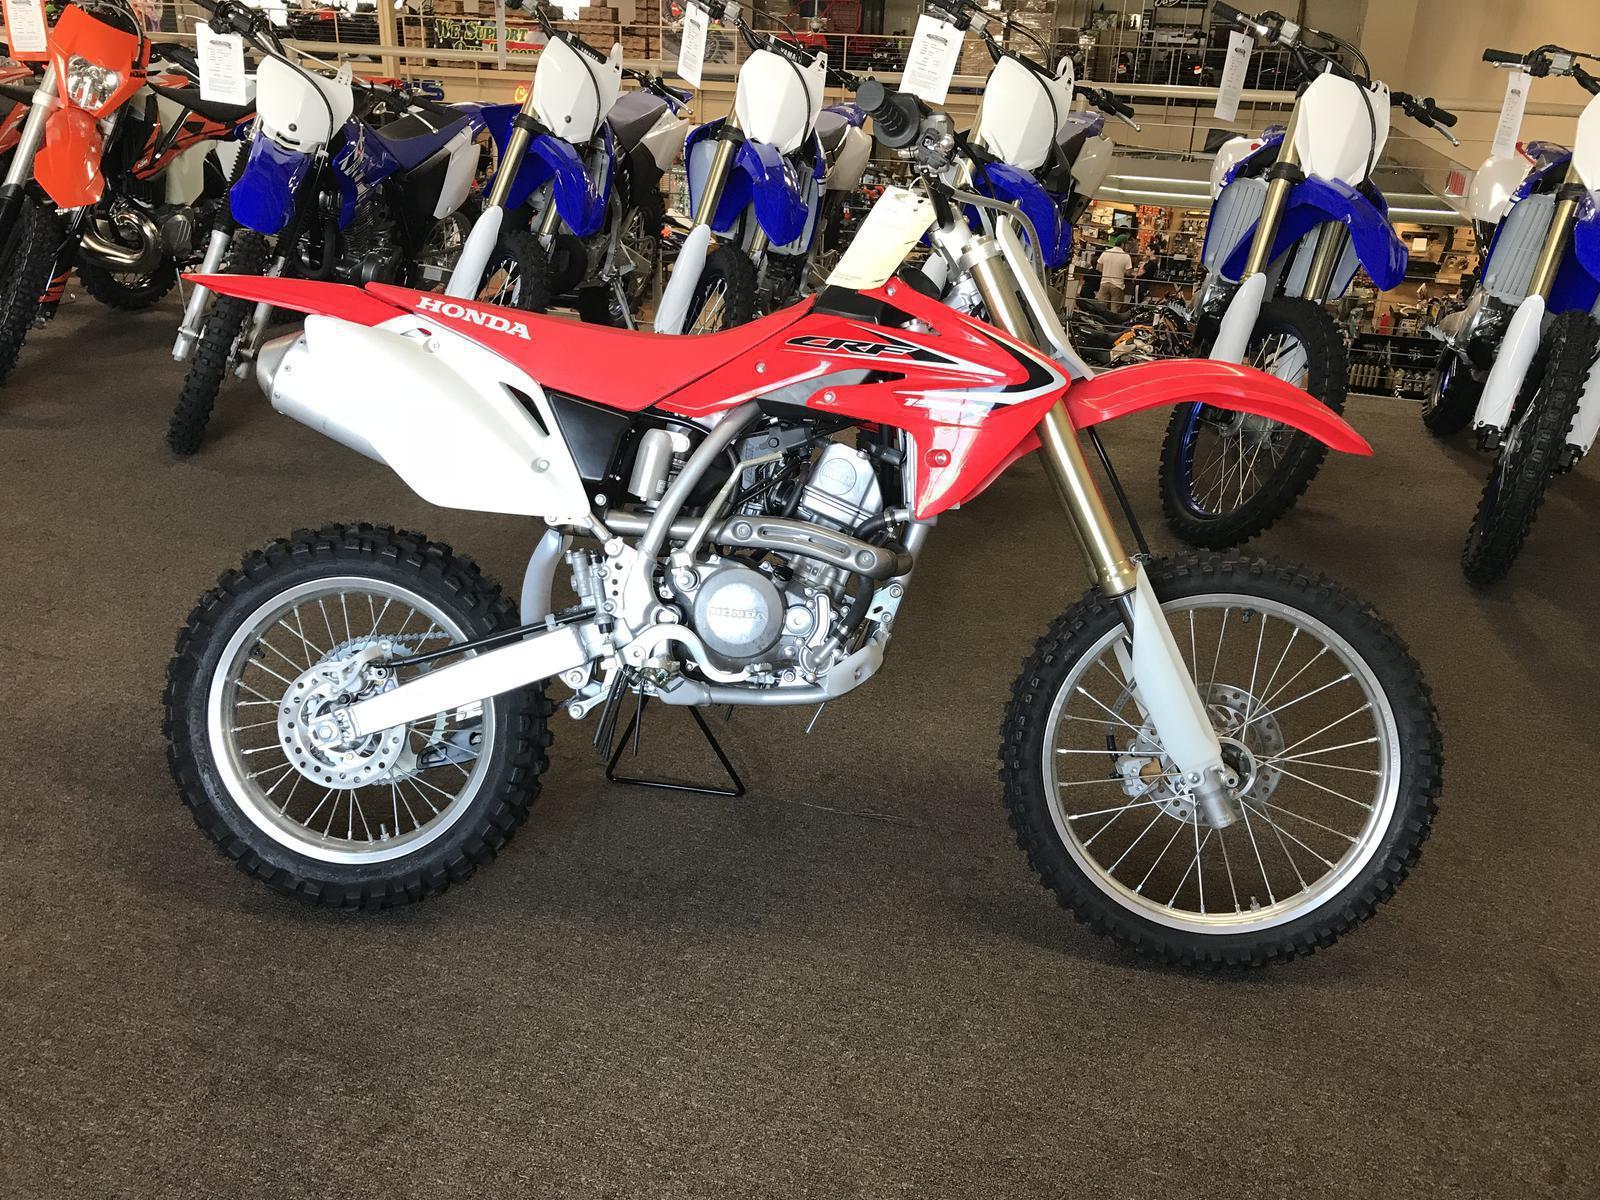 2017 Honda CRF150R EXPERT for sale in Chula Vista CA Del Amo